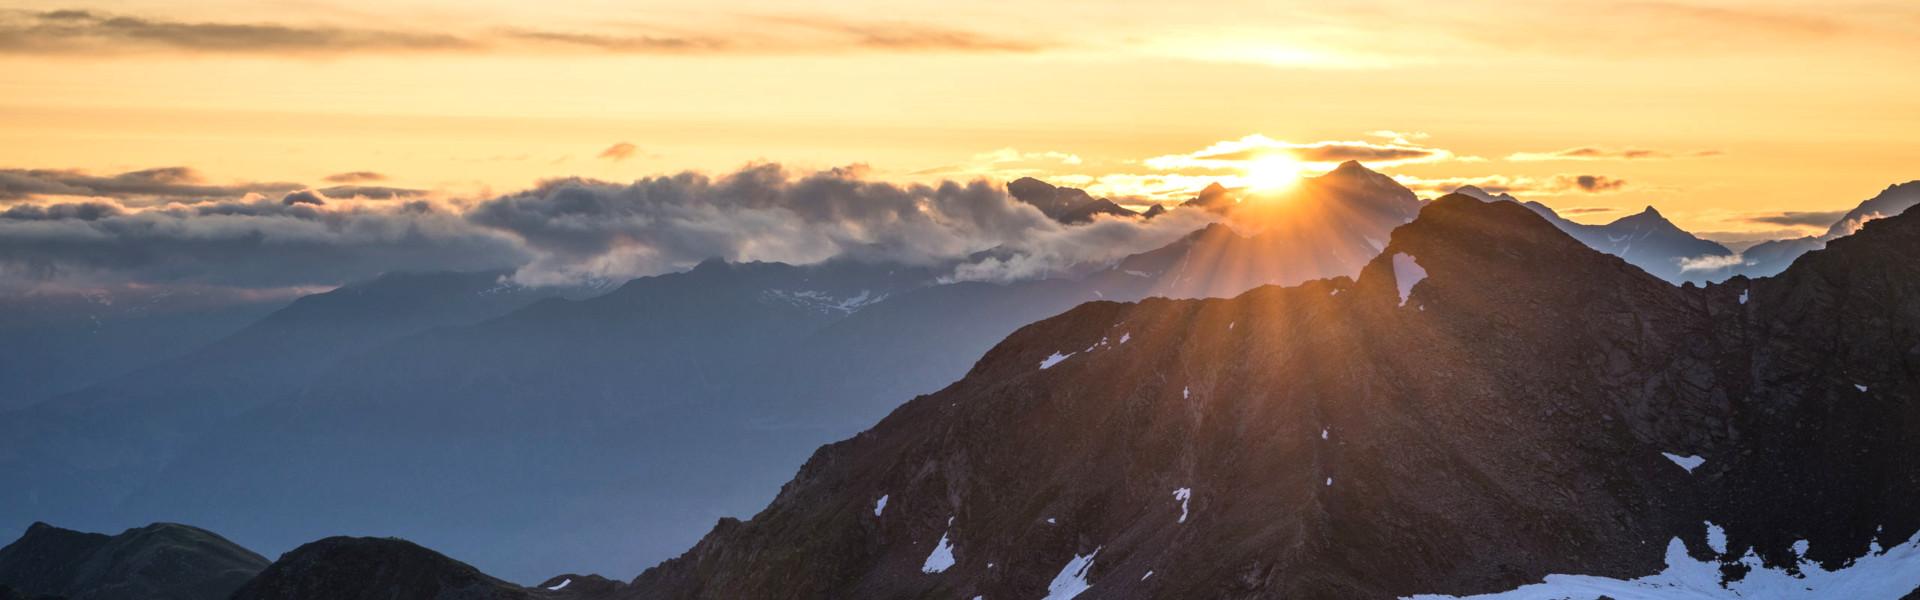 Freizeit - Sommer - Bergbahnen - Headerbild2